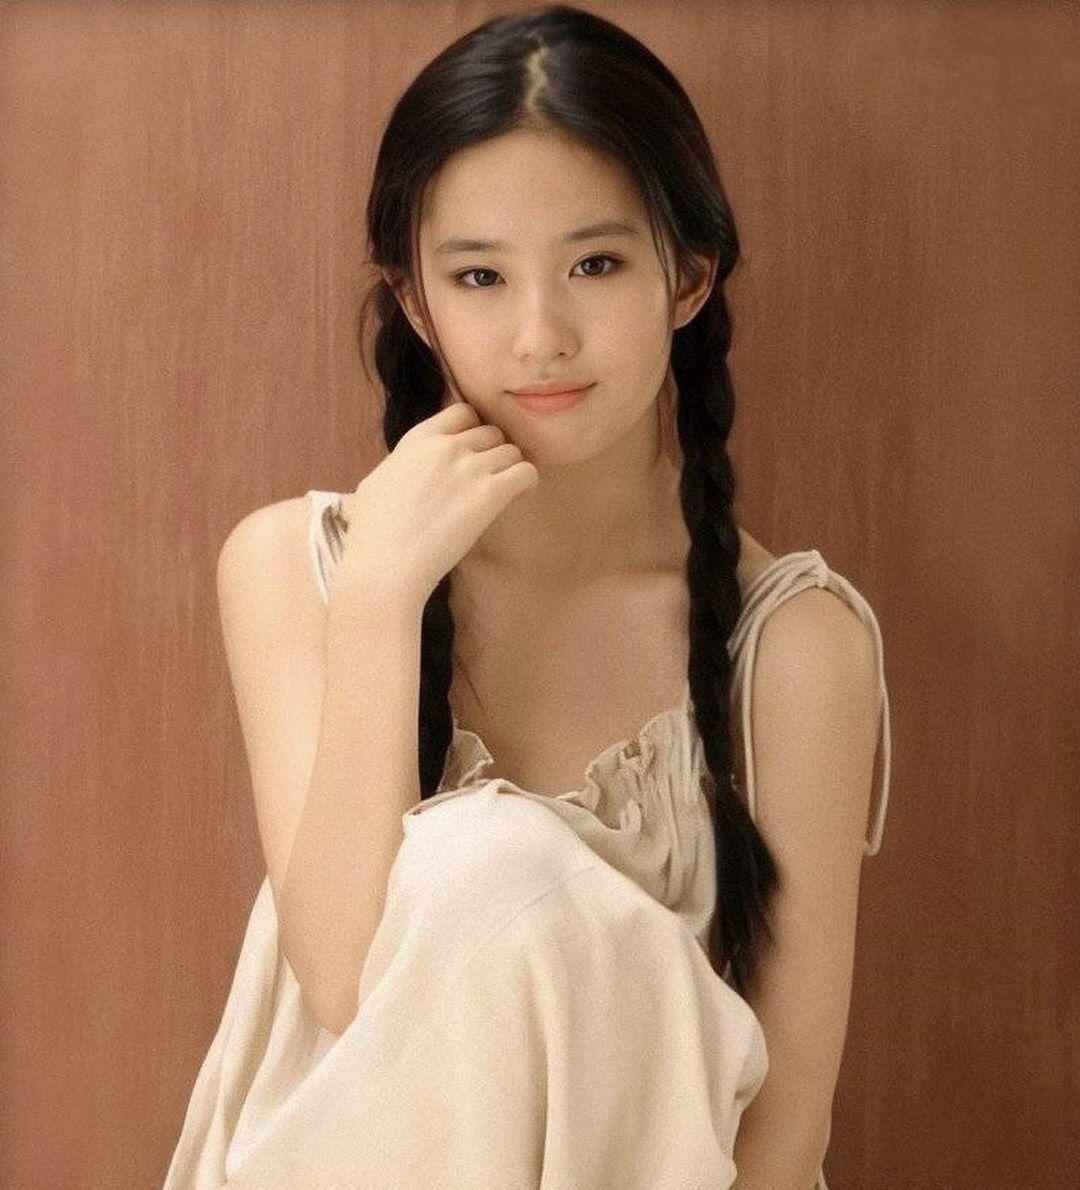 清纯女神刘亦菲真是越看越好看